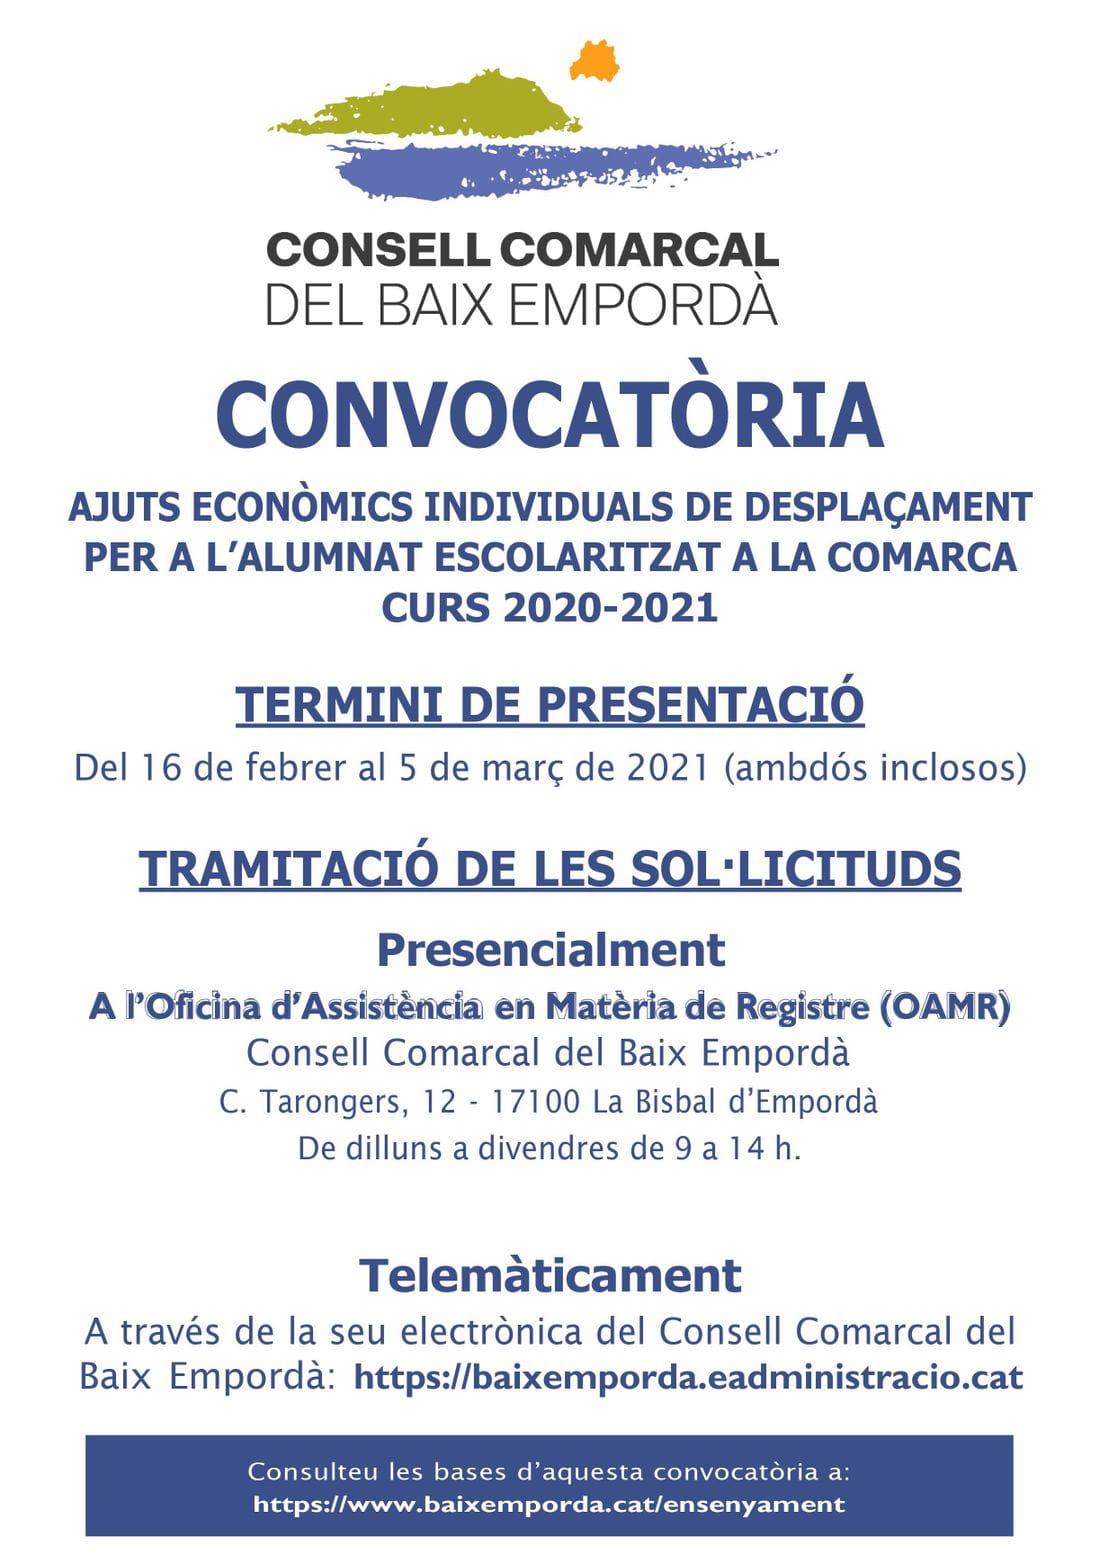 Cartell convocatòria ajust econòmics individuals de desplaçament - curs 2020-2021